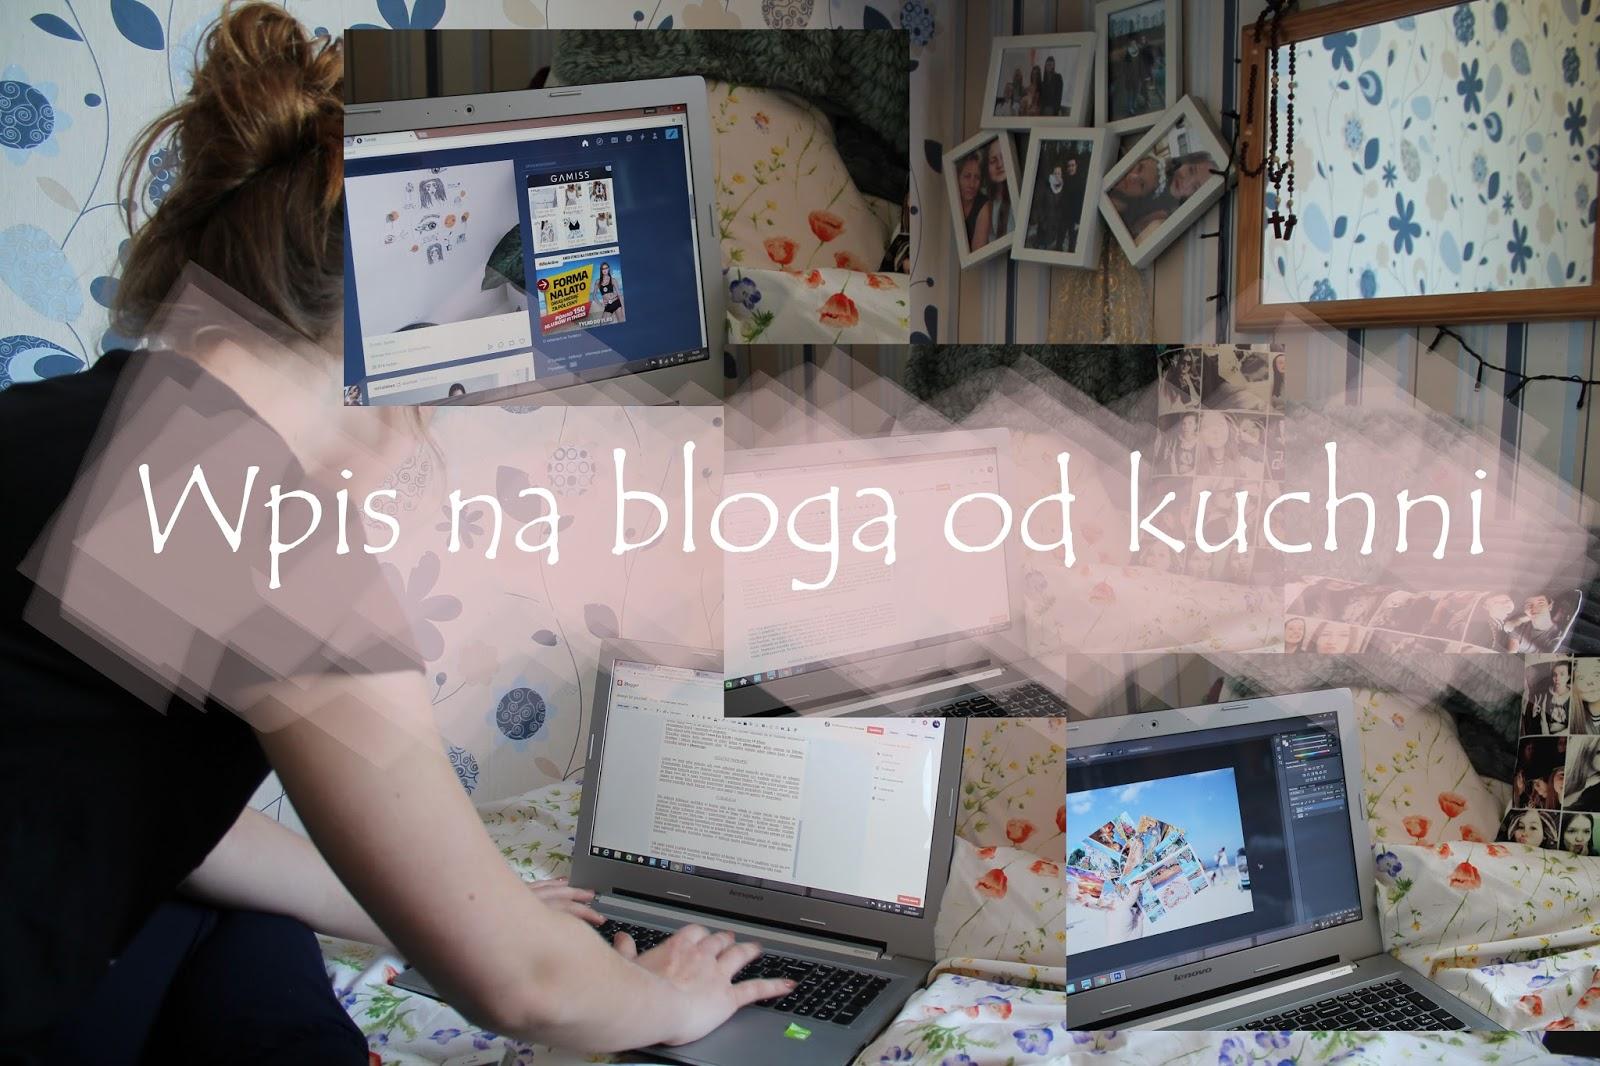 Wpis na bloga od kuchni